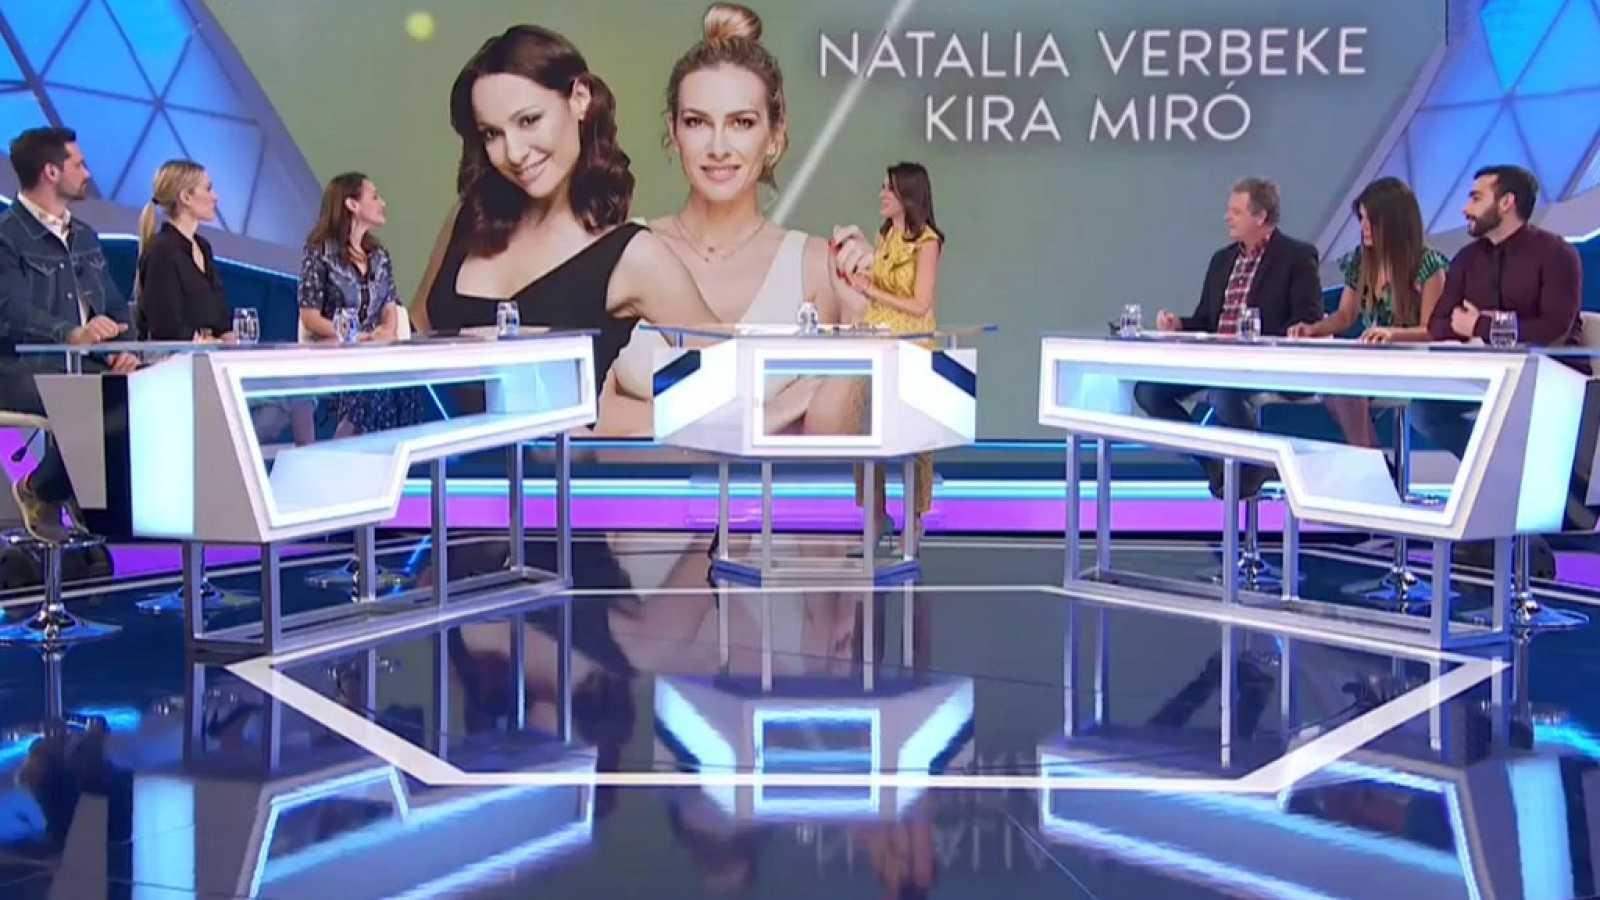 Lo siguiente - Kira Miró y Natalia Berbeke - 04/03/19 - ver ahora